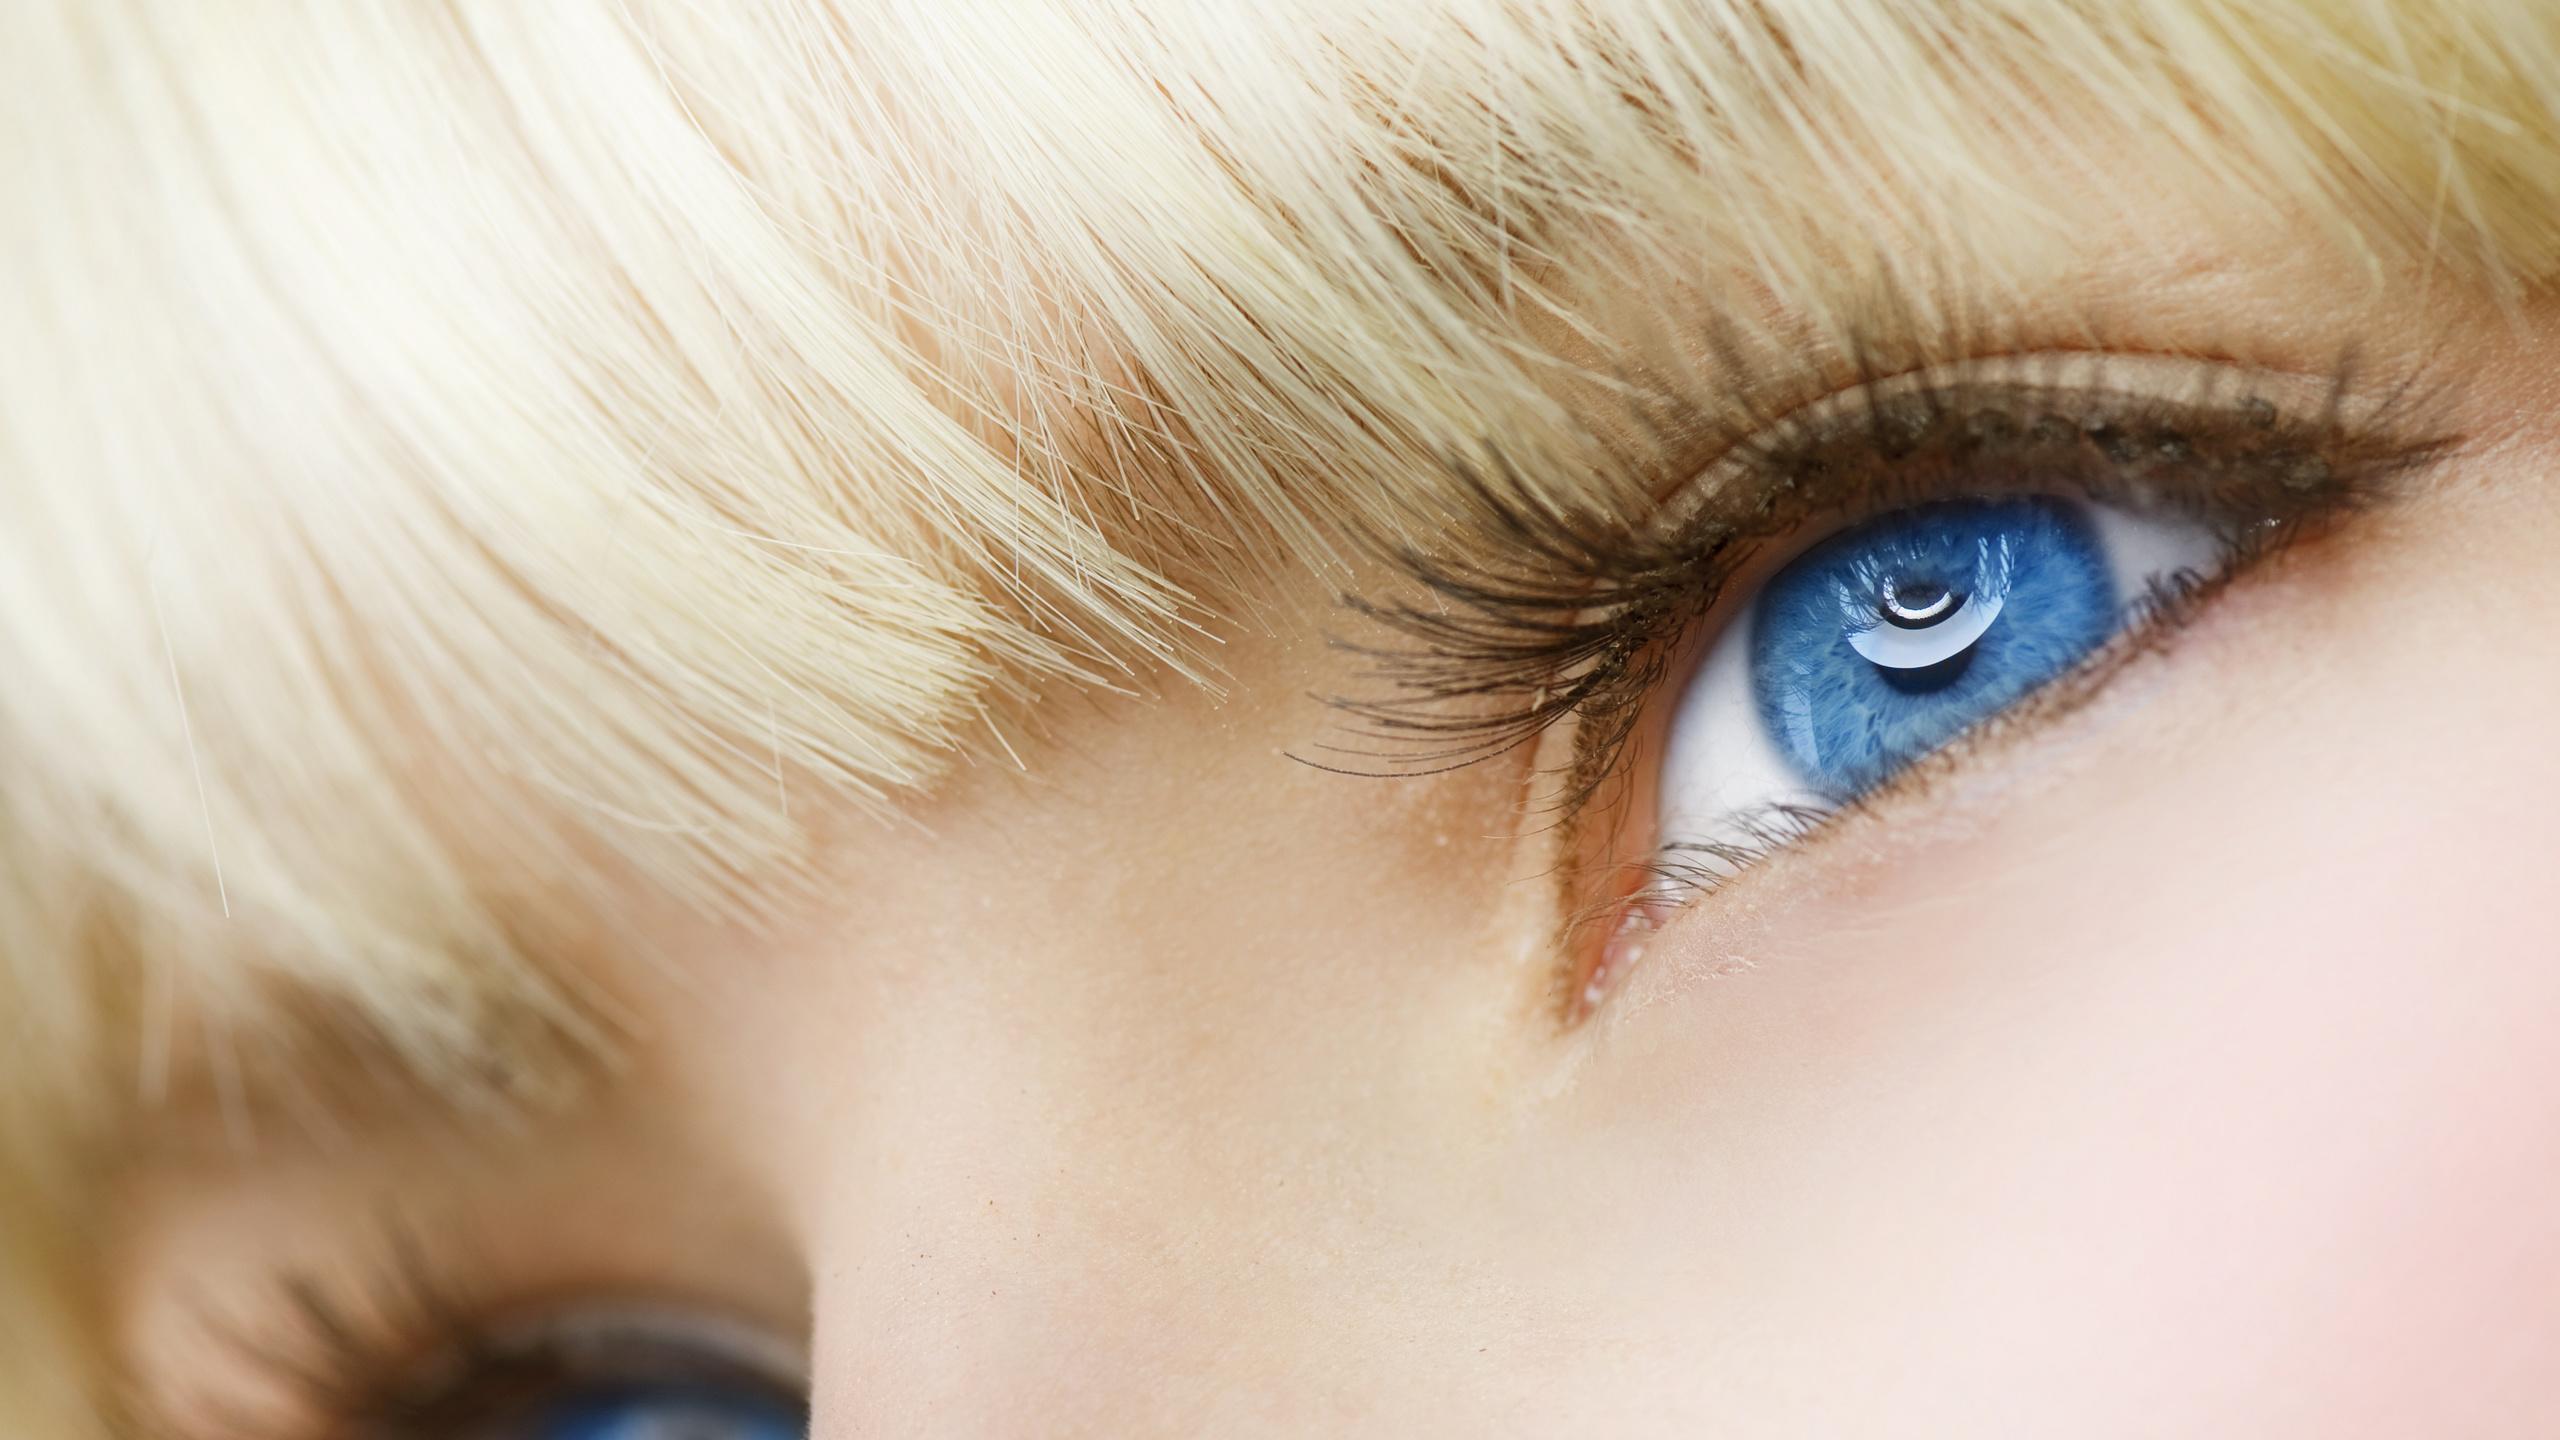 два дня картинки аватарки глаза поводу